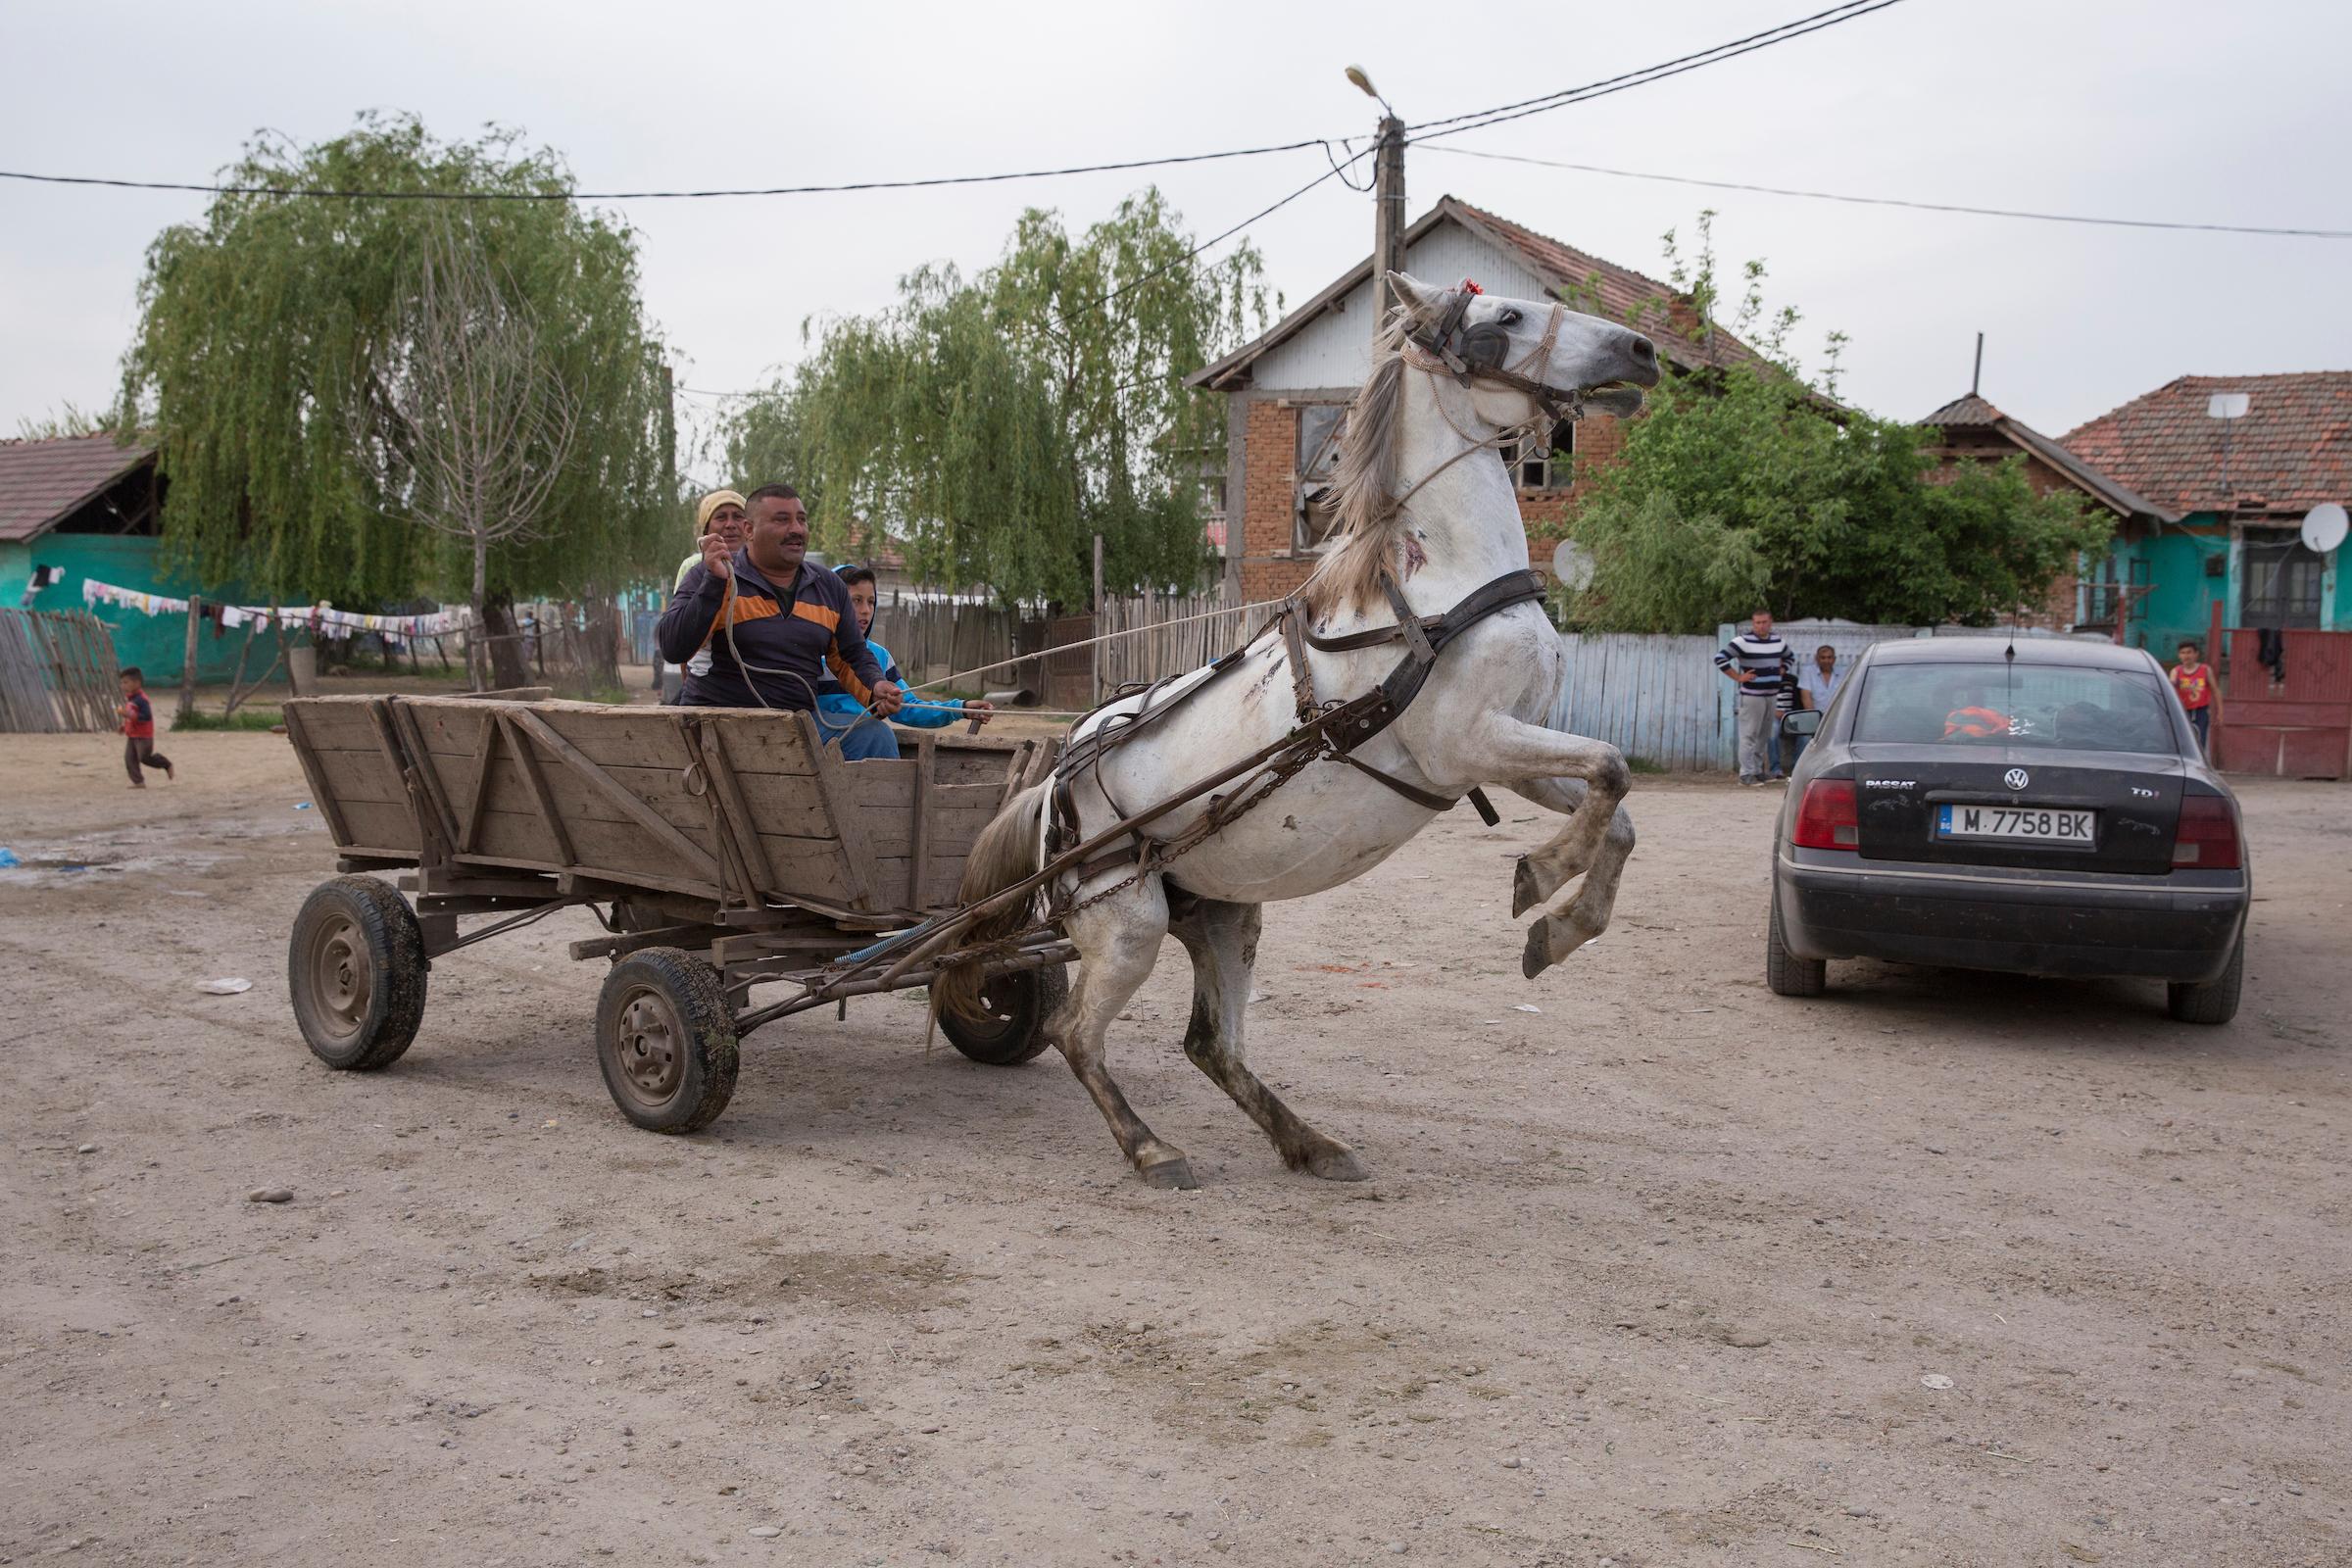 Die Bürger von Ocolan versuchen ihr Dorf ins 21. Jahrhundert zu befördern und steuern der Landflucht entgegen.